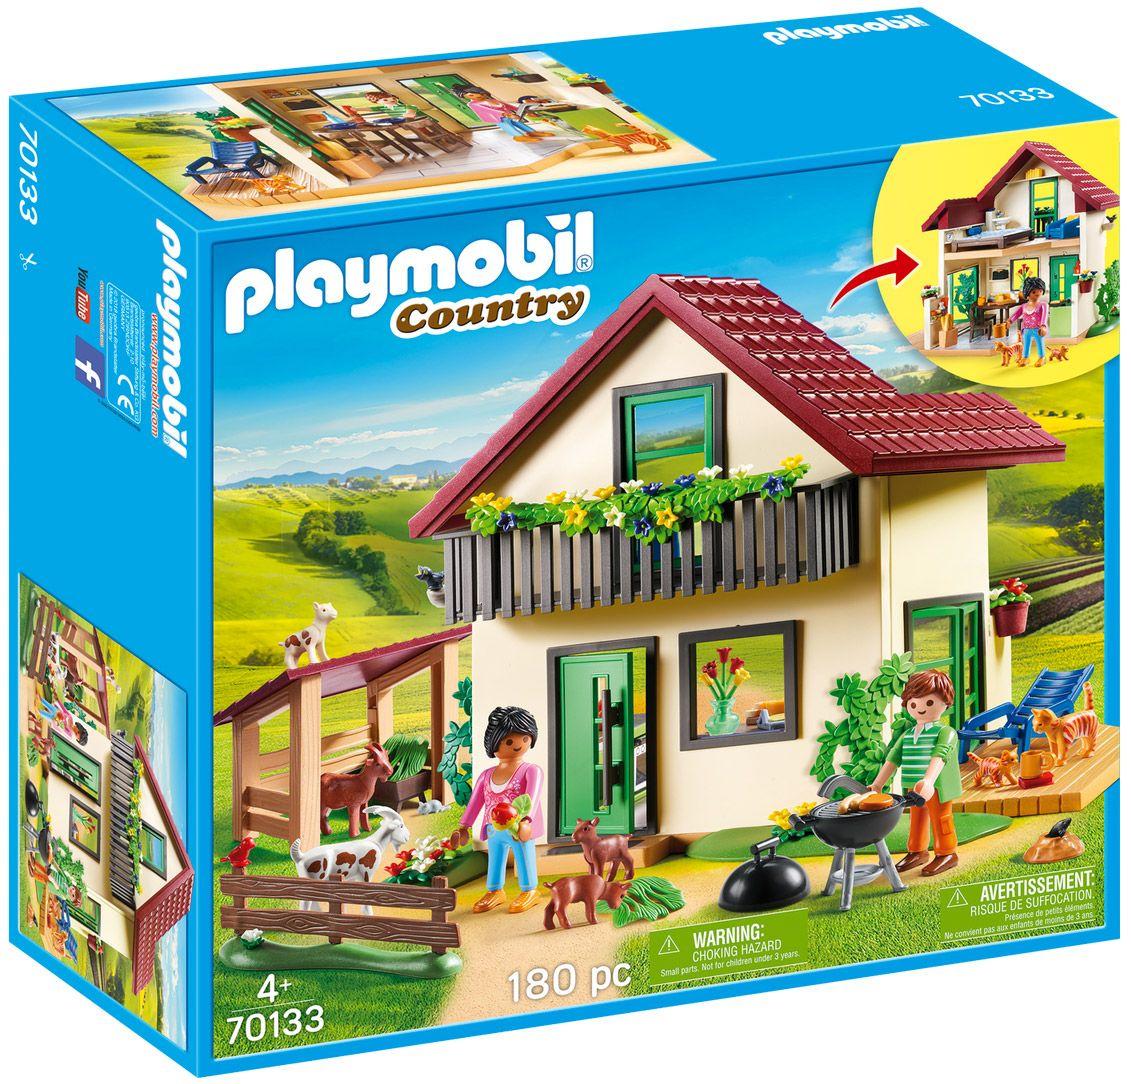 Épinglé Par Koupobol Sur Playmobil Country | Playmobil ... encequiconcerne Jardin D Enfant Playmobil